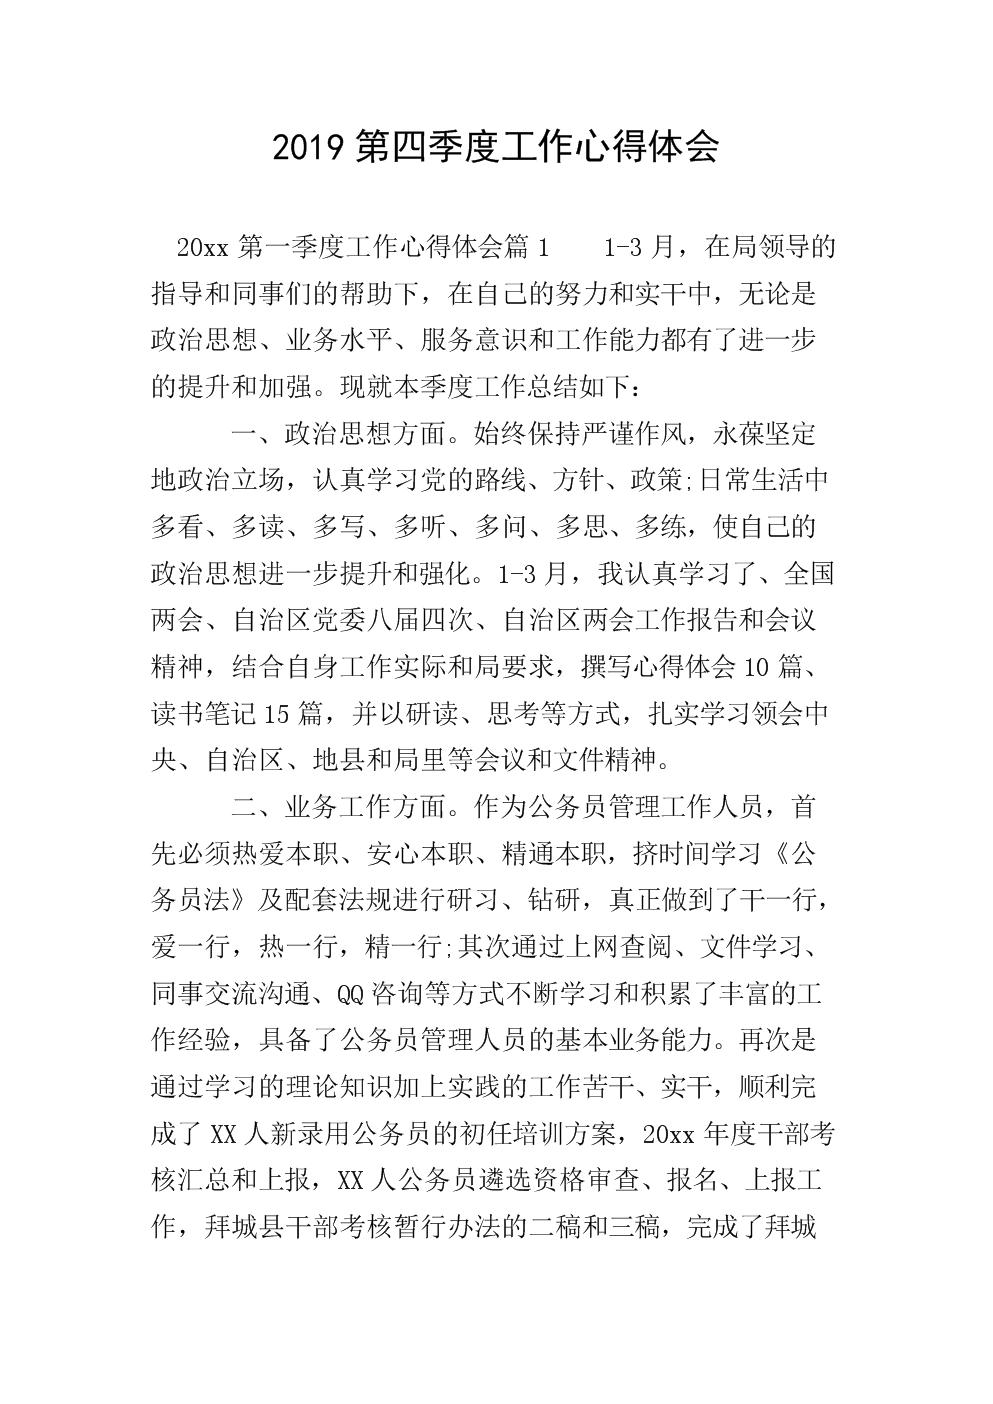 2019第四季度工作心得体会.doc图片